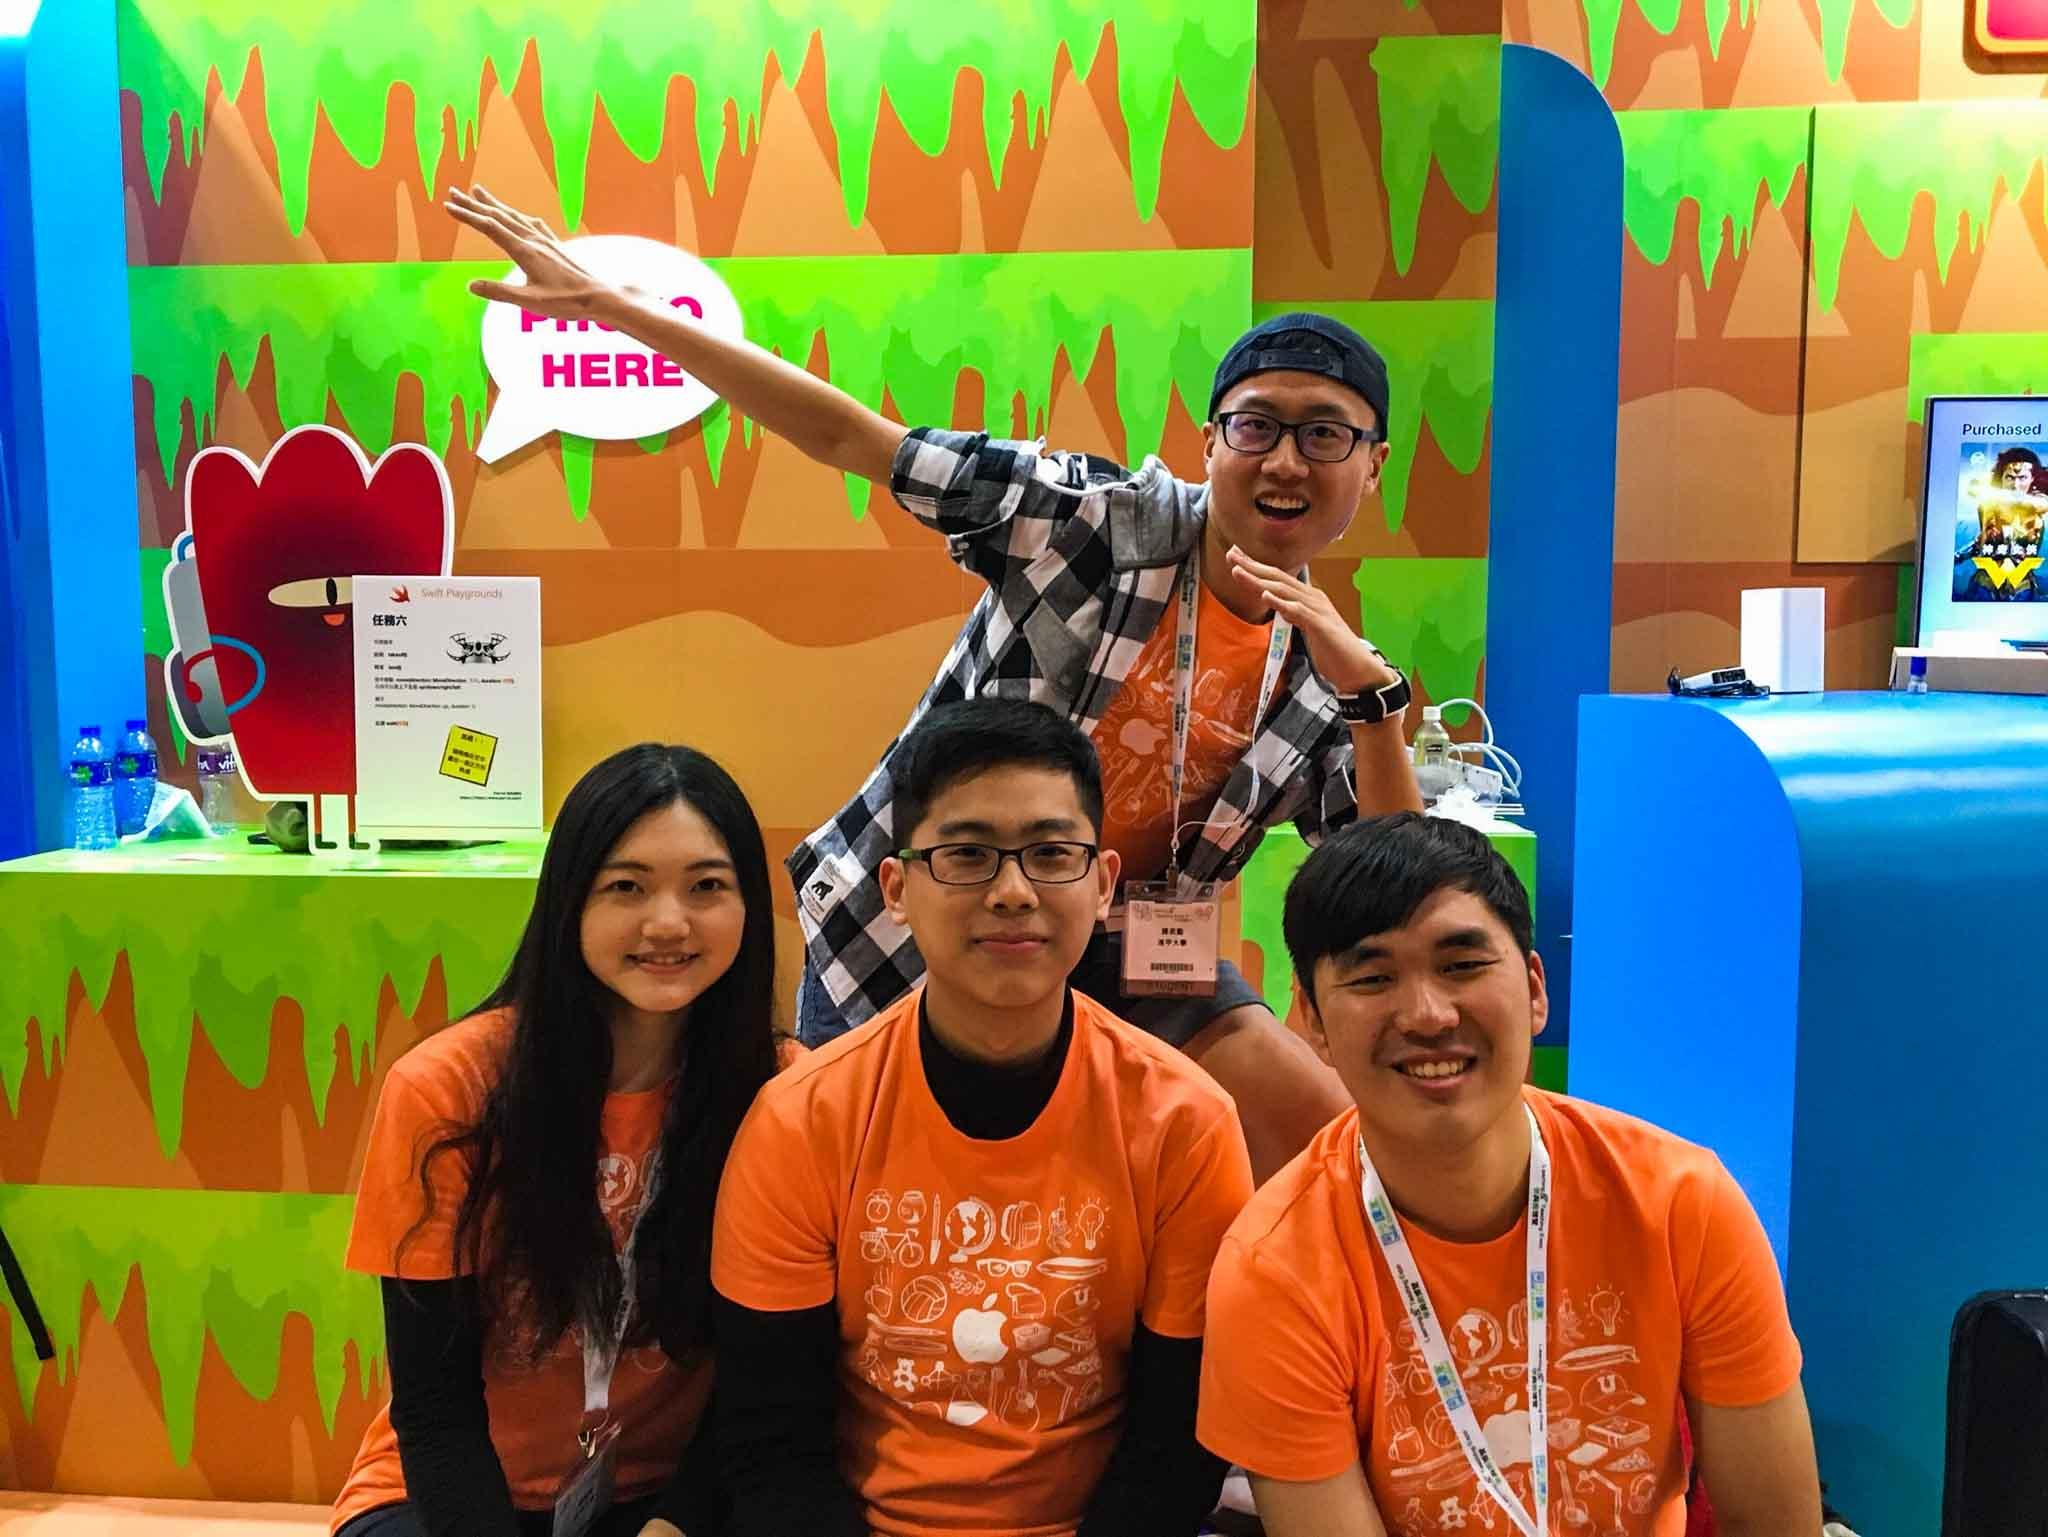 大學生愛分享_逢甲大學運輸與物流學系崔紘瑋_剛進逢甲的第三個月,還是大一新鮮人時,我就因為參加iOS club,獲得到香港蘋果教育部門與上海商學院交流的機會,還一同協辦位在香港會展中心的「創新教育展」。